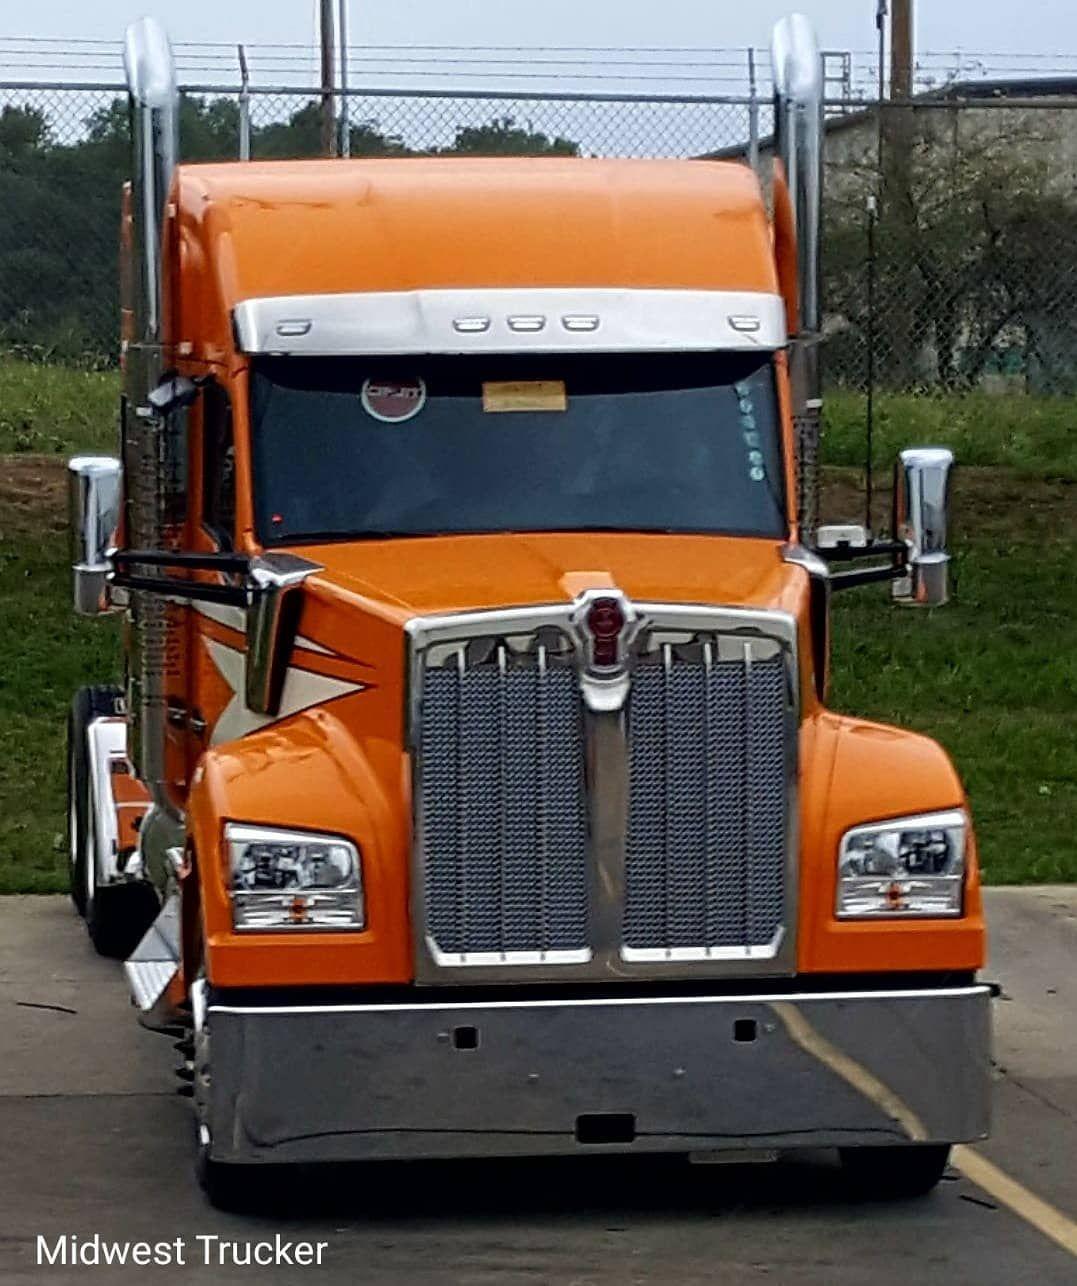 Kenworth W990 Midwesttrucker Kenworthw990 W990kenworth